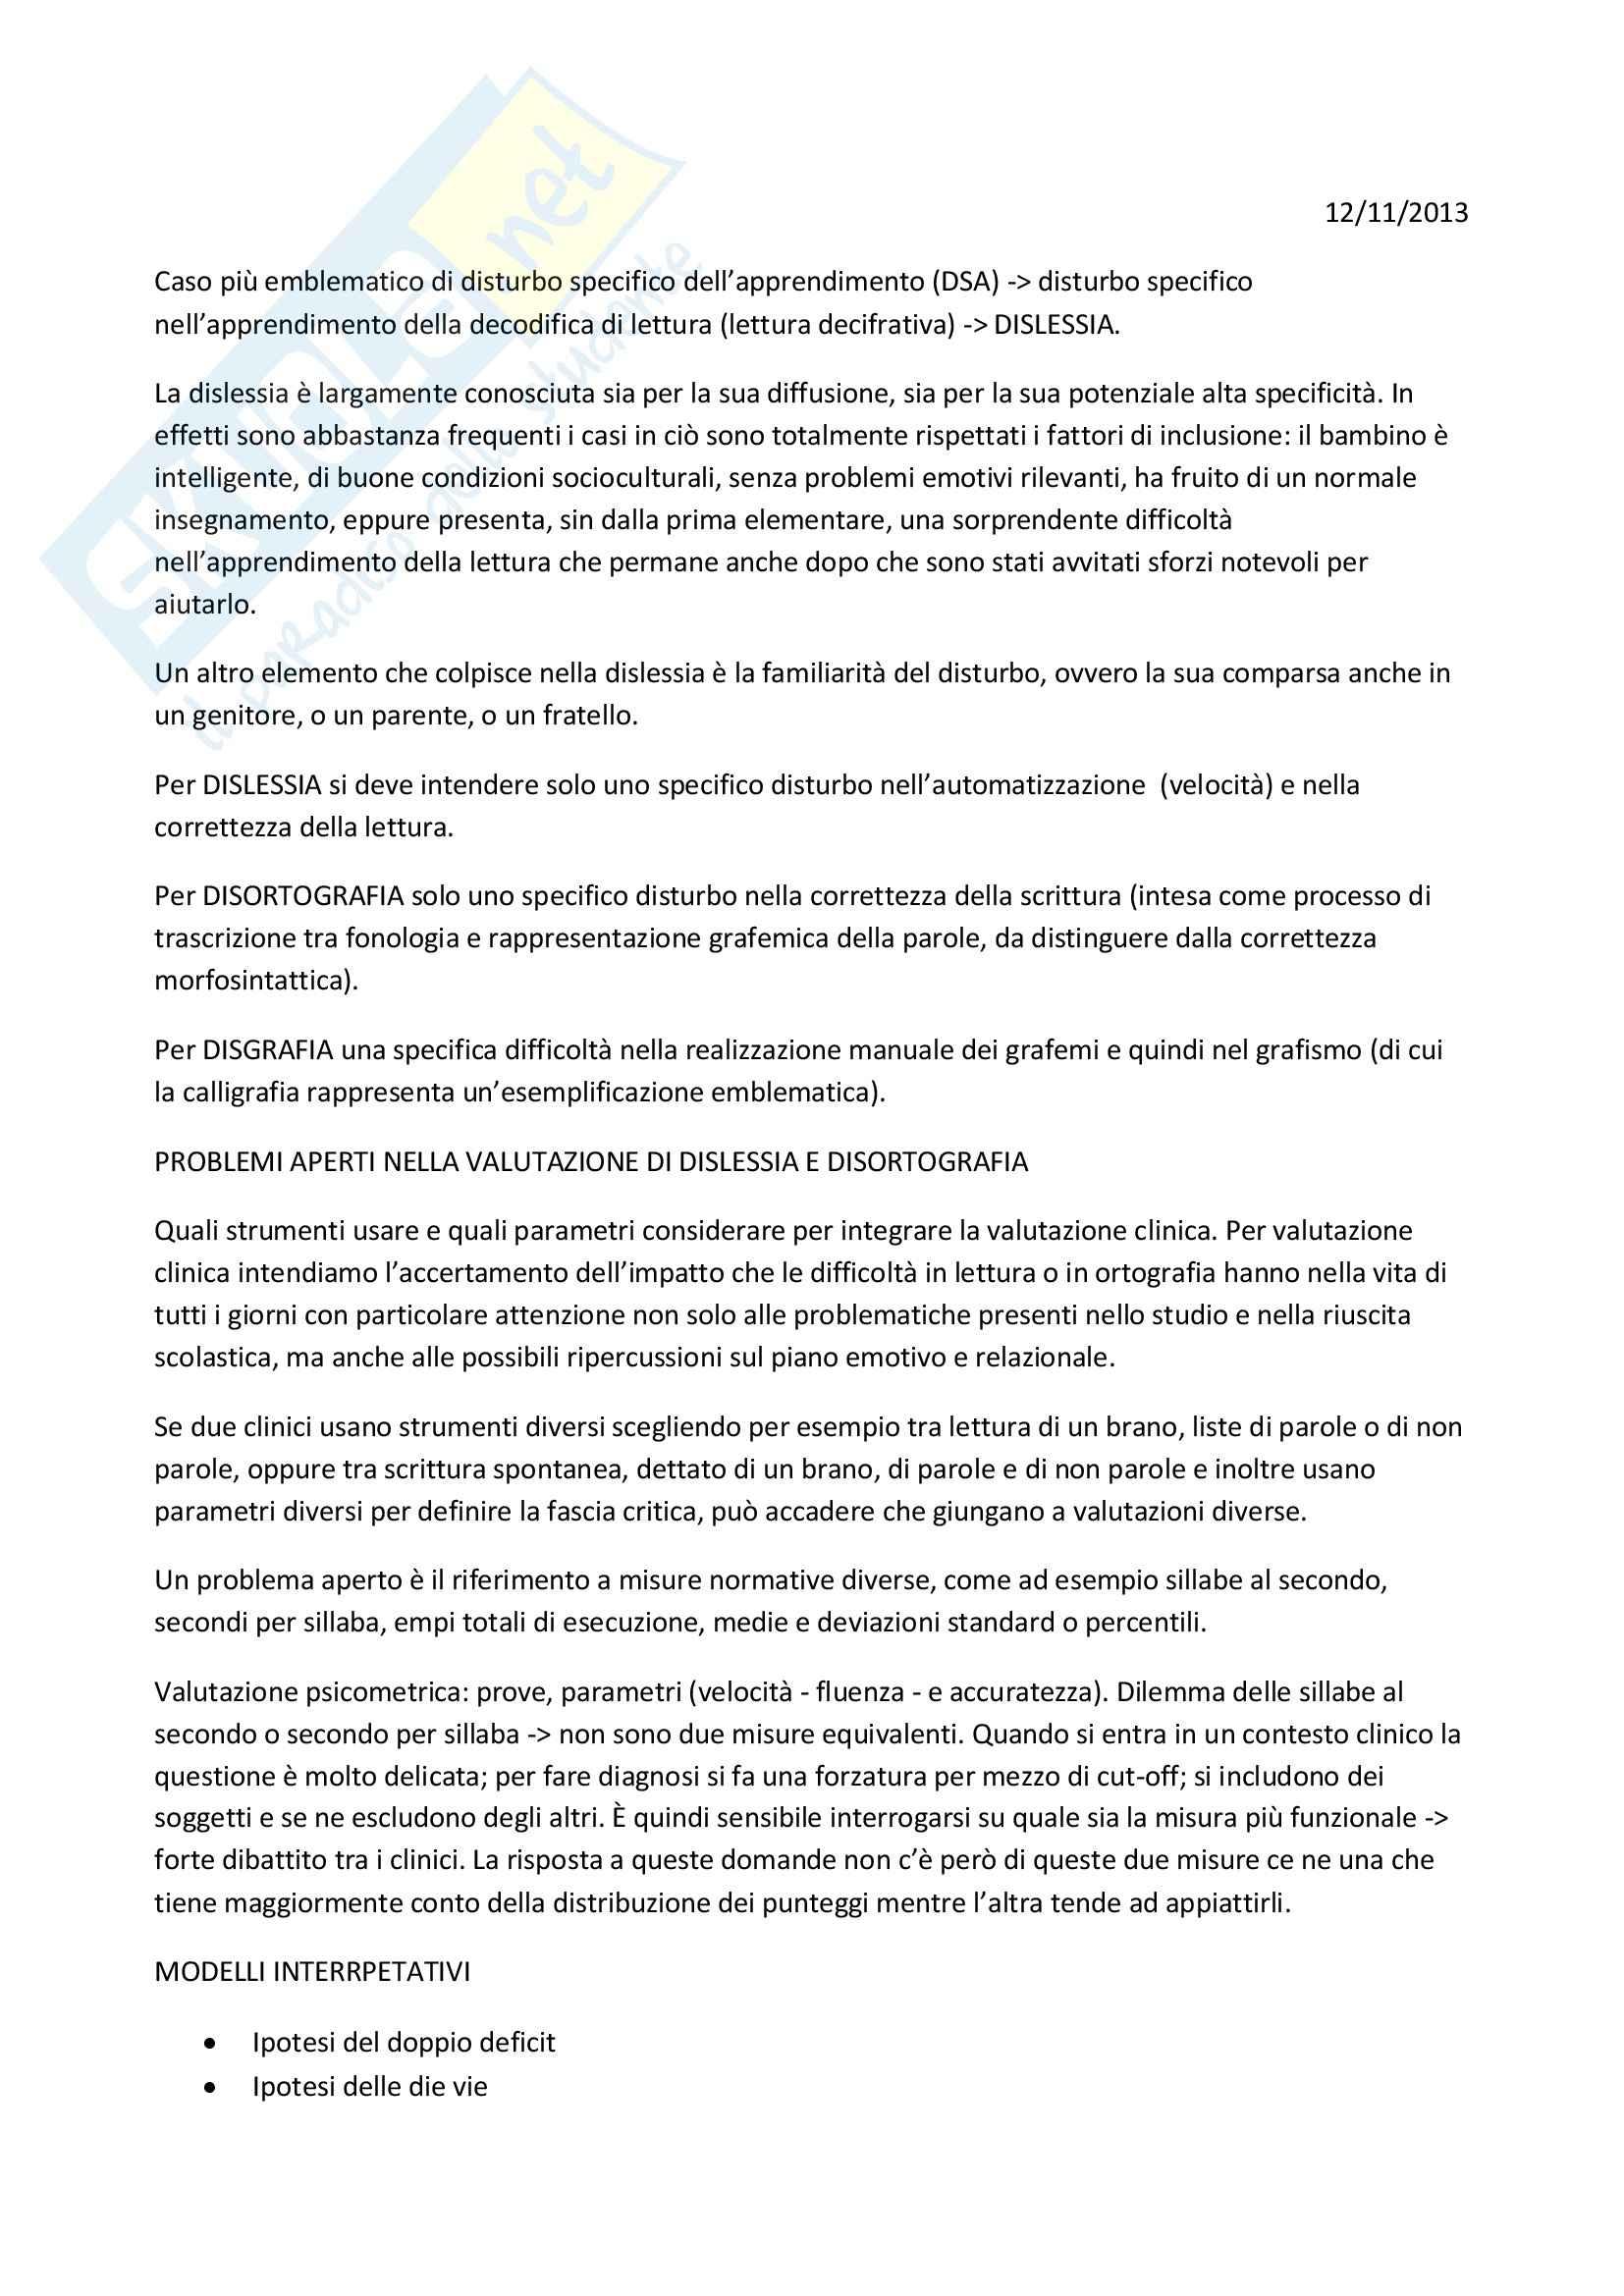 Dislessia: Appunti di Apprendimento e memoria